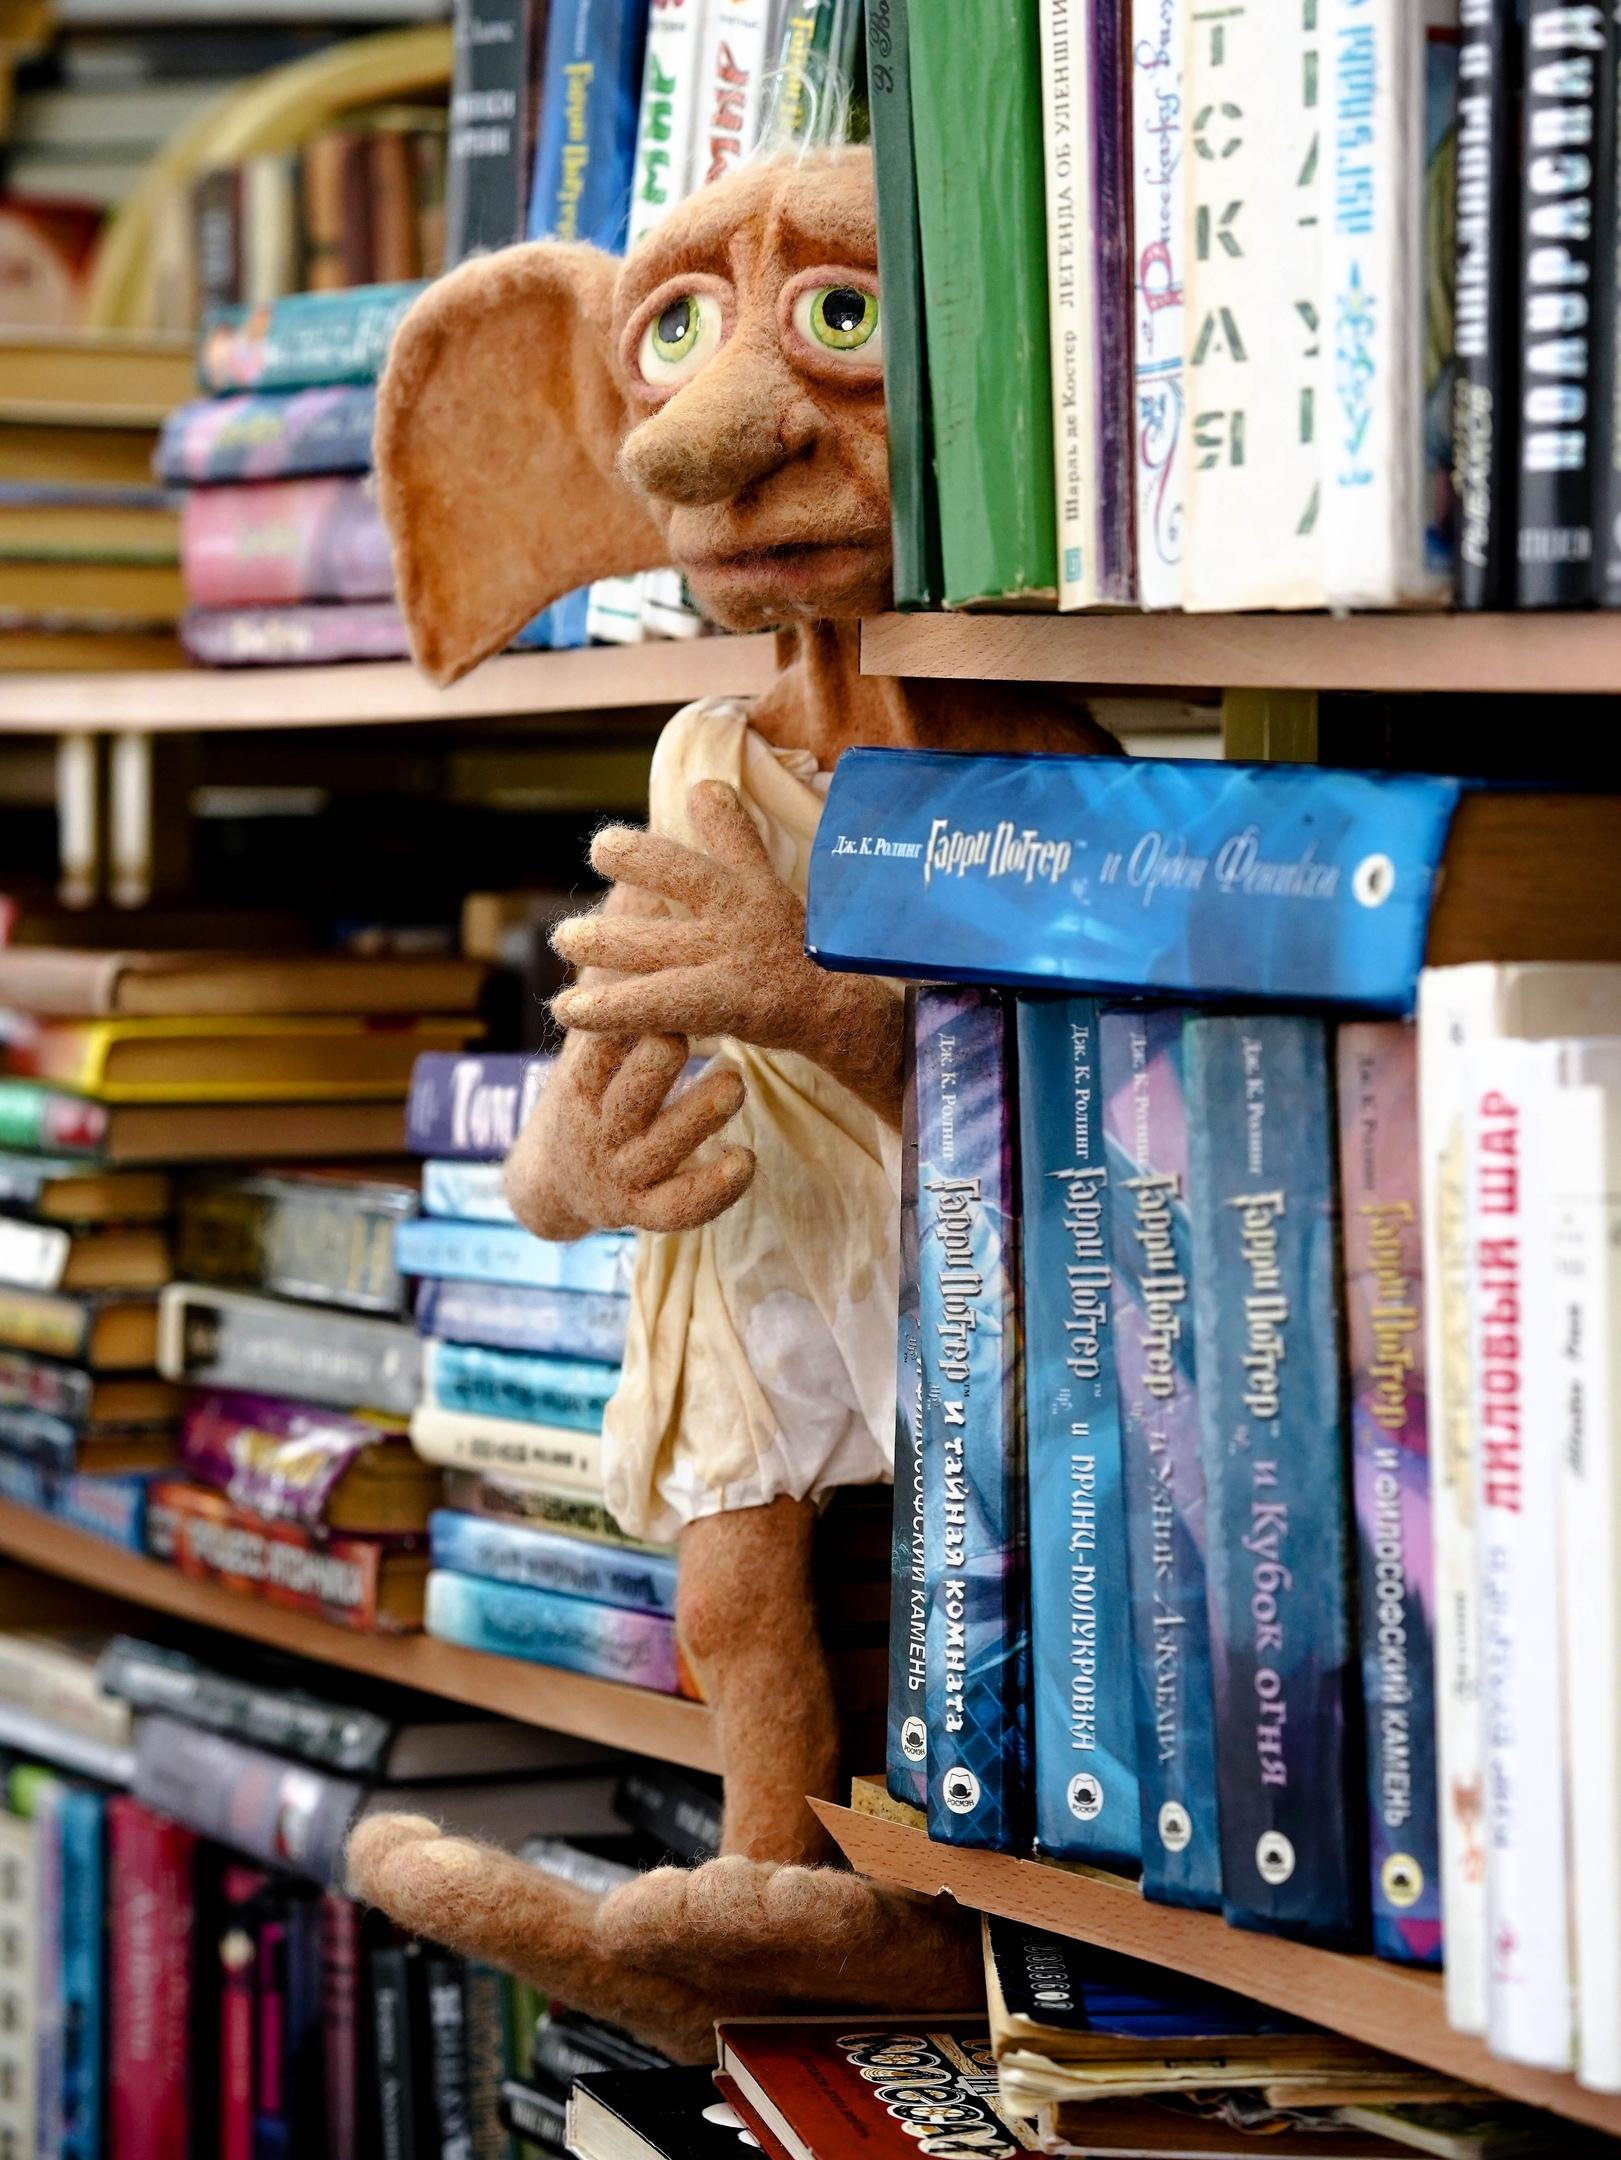 Самая популярная и читаемая серия книг в библиотеке ПНИ №9.